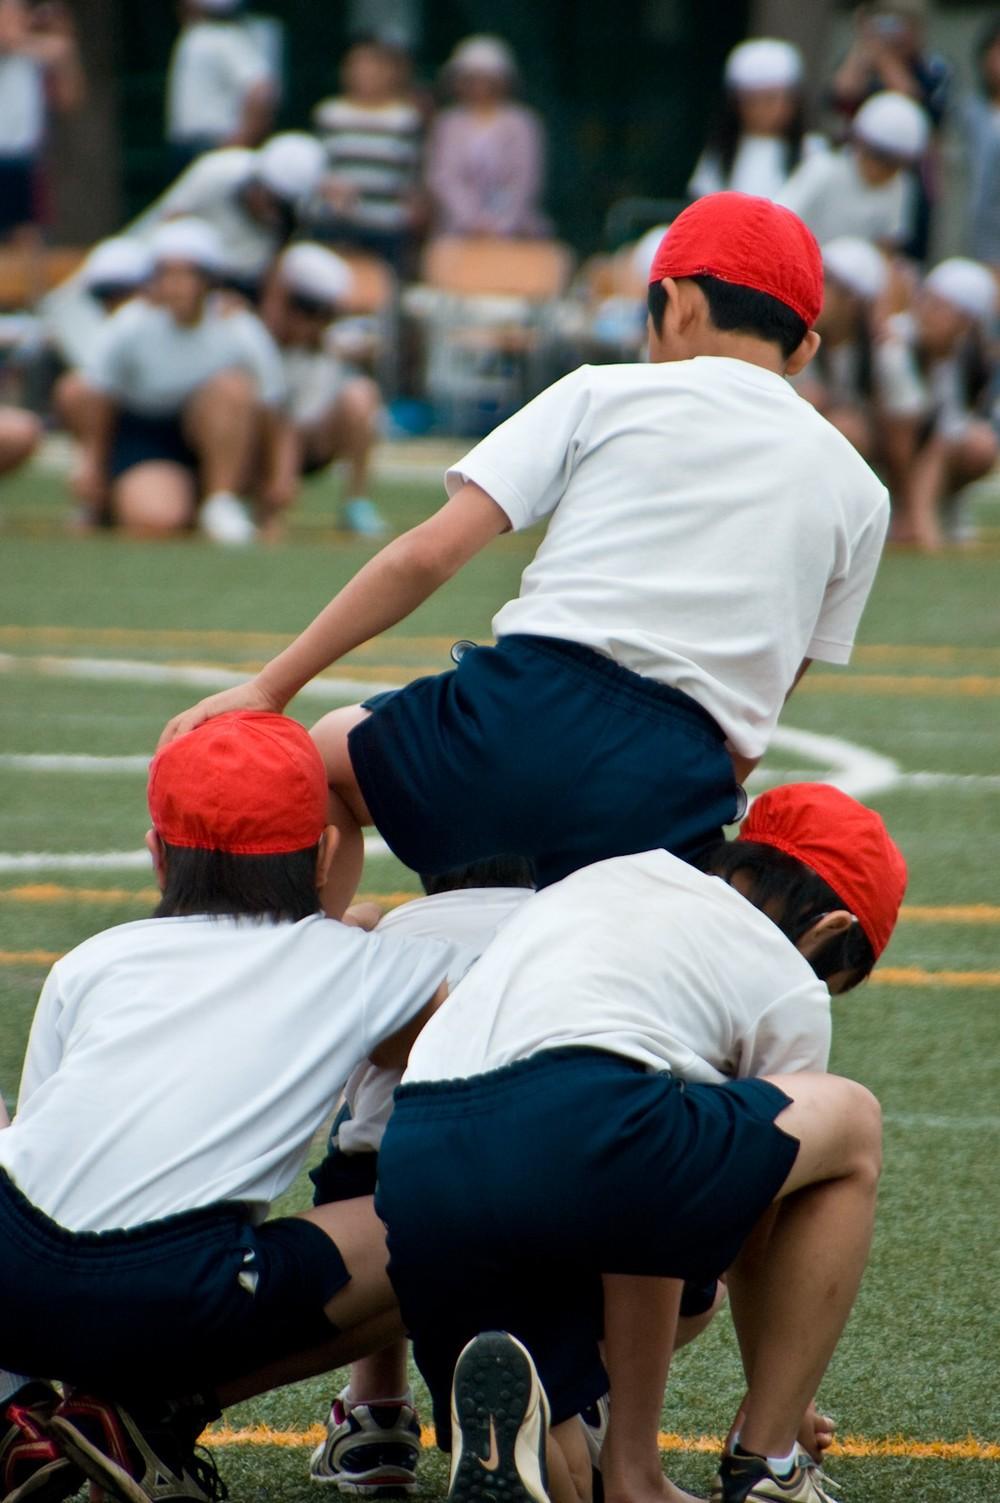 組体操「ピラミッド」や「タワー」は危険! 子どもも先生もケガで自治体ようやく規制に動く